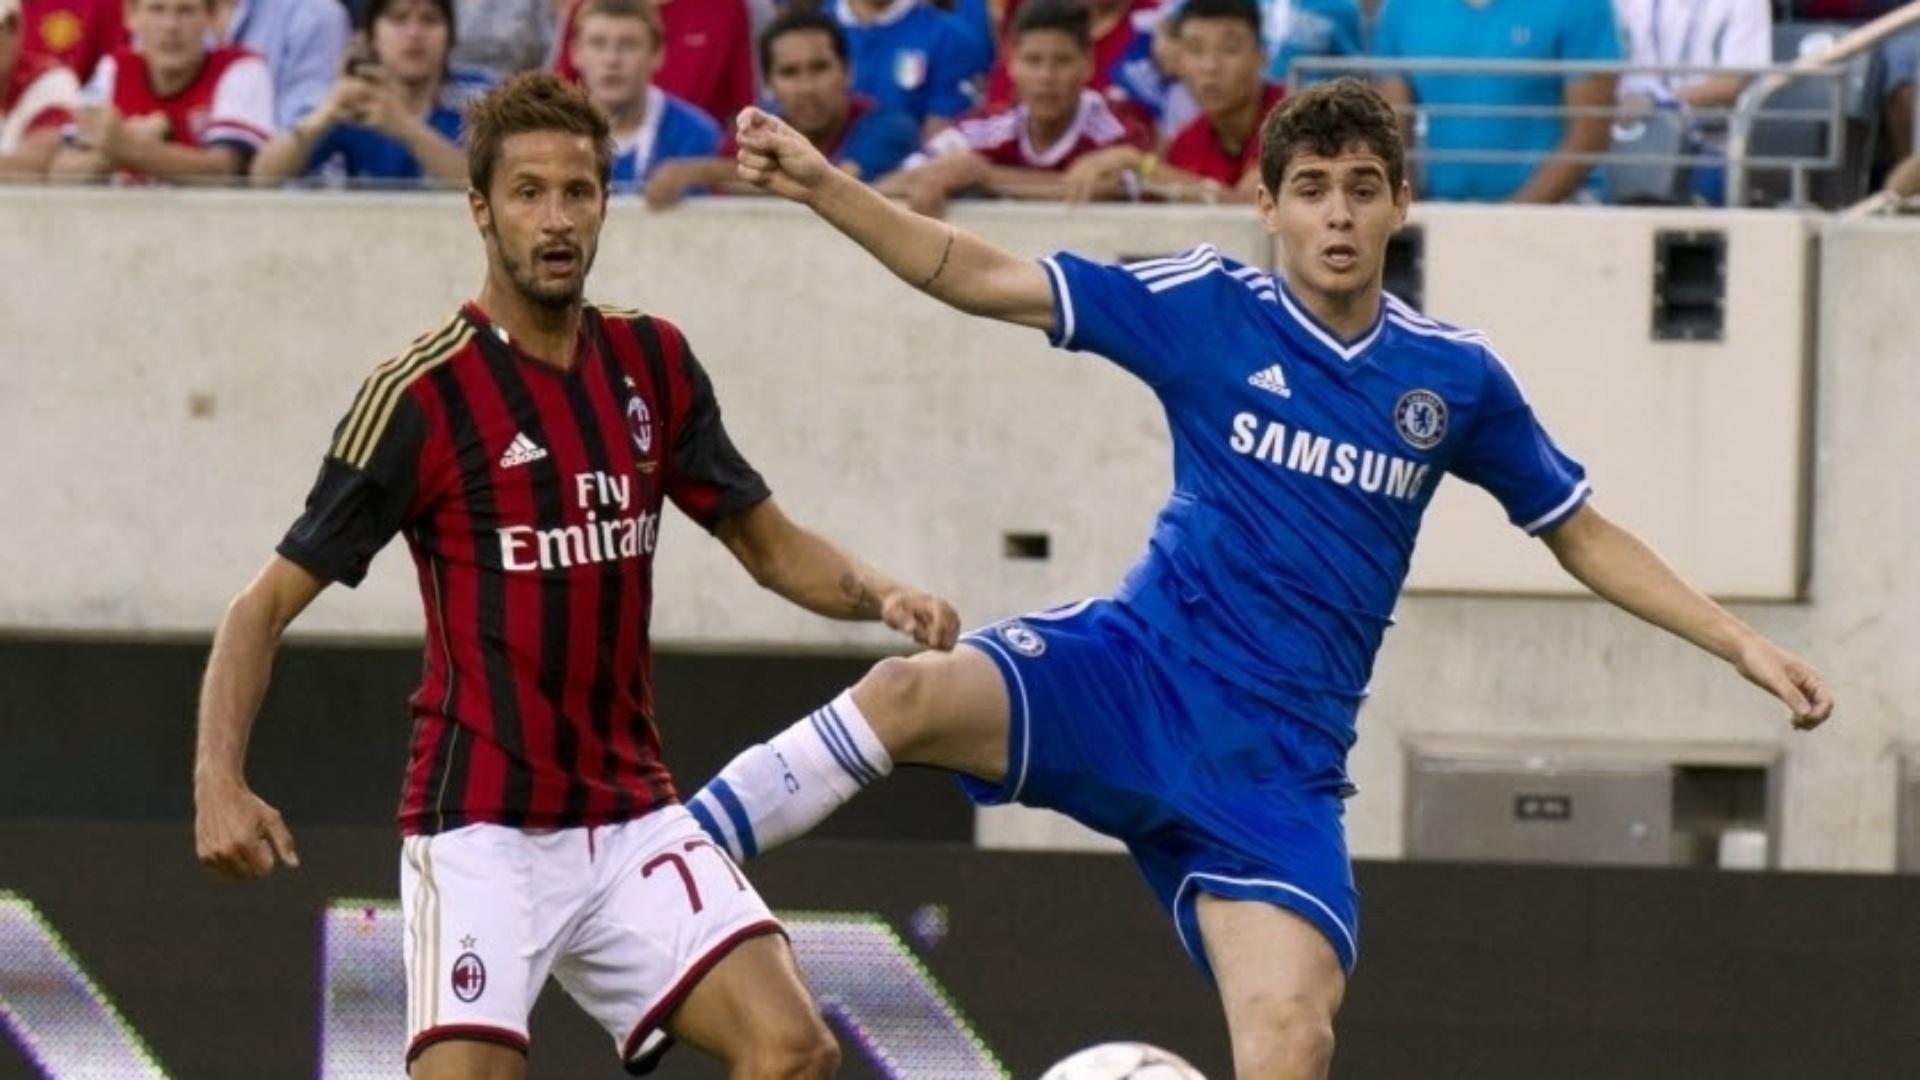 04.ago.2013 - Brasileiro Oscar observa a bola durante jogo entre Chelsea e Milan